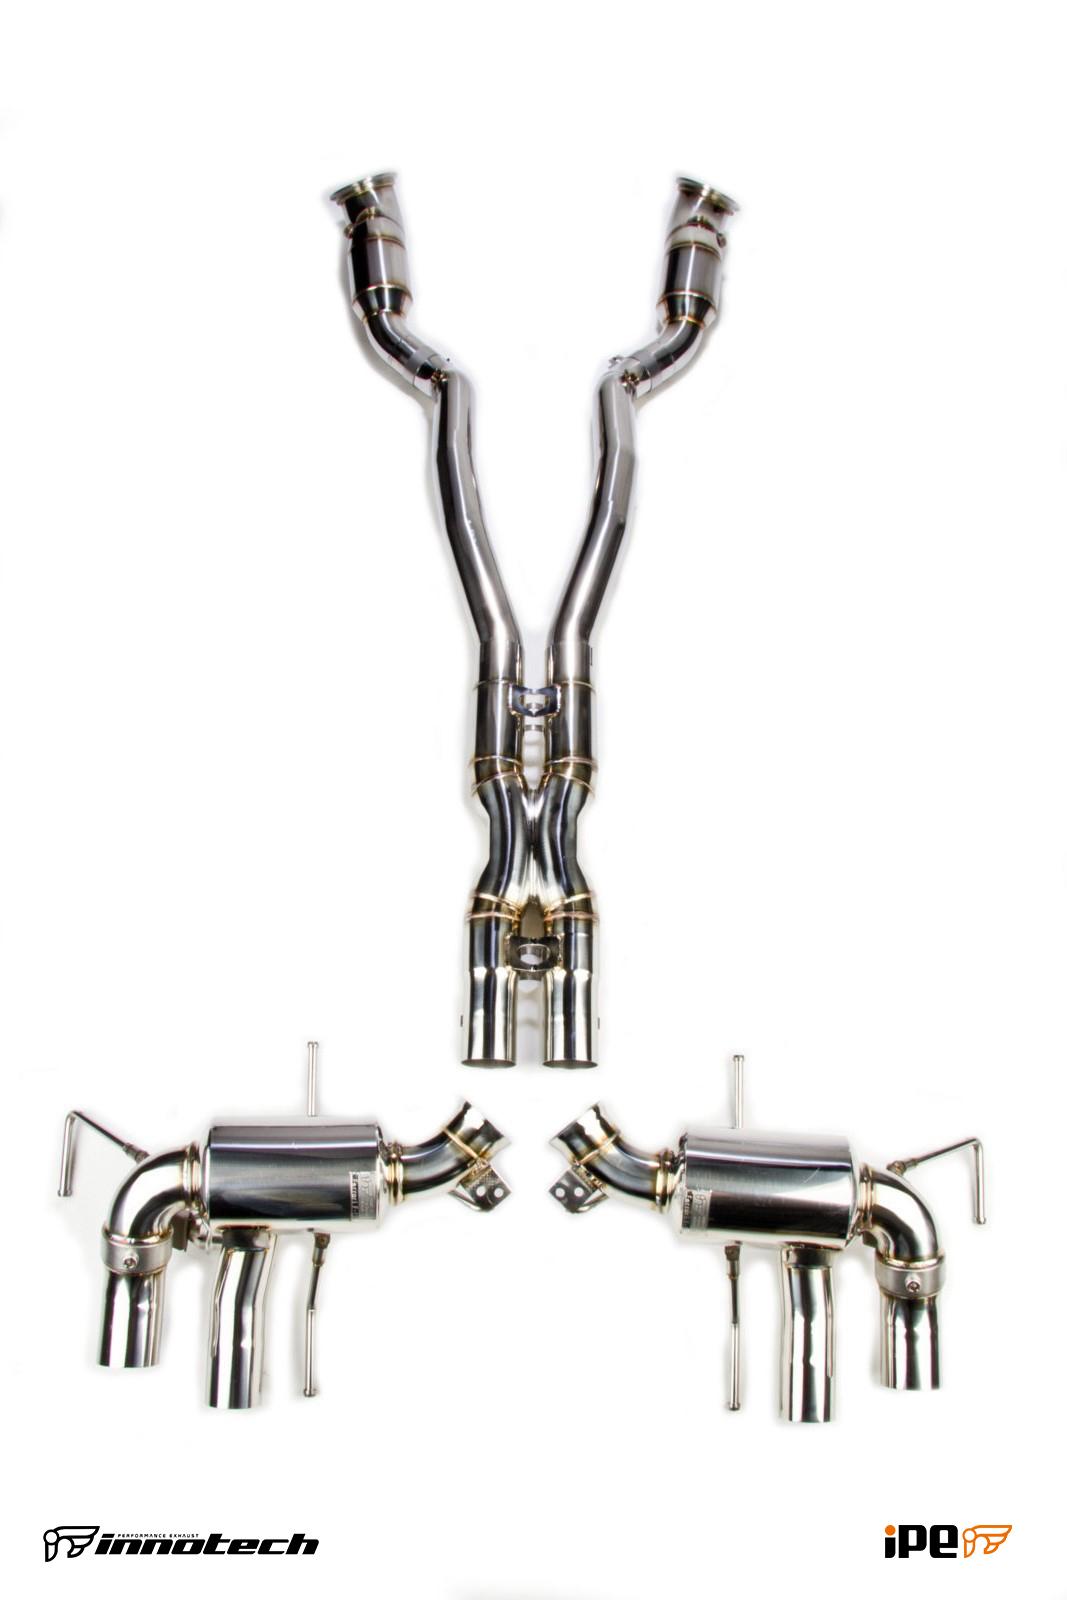 Ipe Ferrari F12 Exhaust System